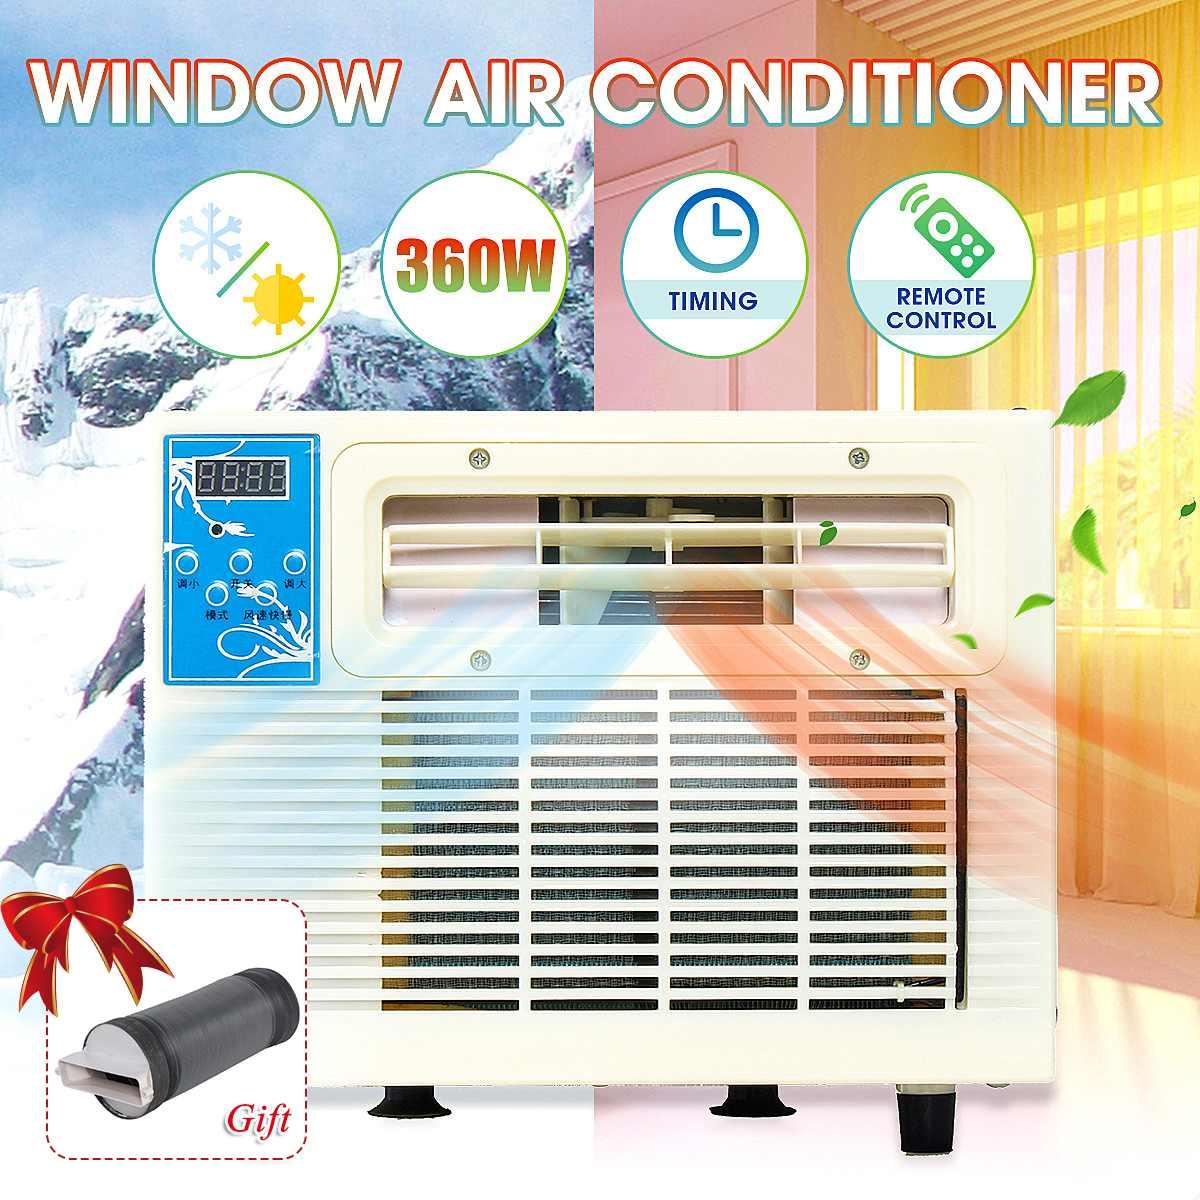 Neueste 900 W Ipx4 Desktops Klimaanlage Fenster Klimaanlage Mini Haushalt Luftkühler Klimaanlage Mit Fernbedienung Haushaltsgeräte